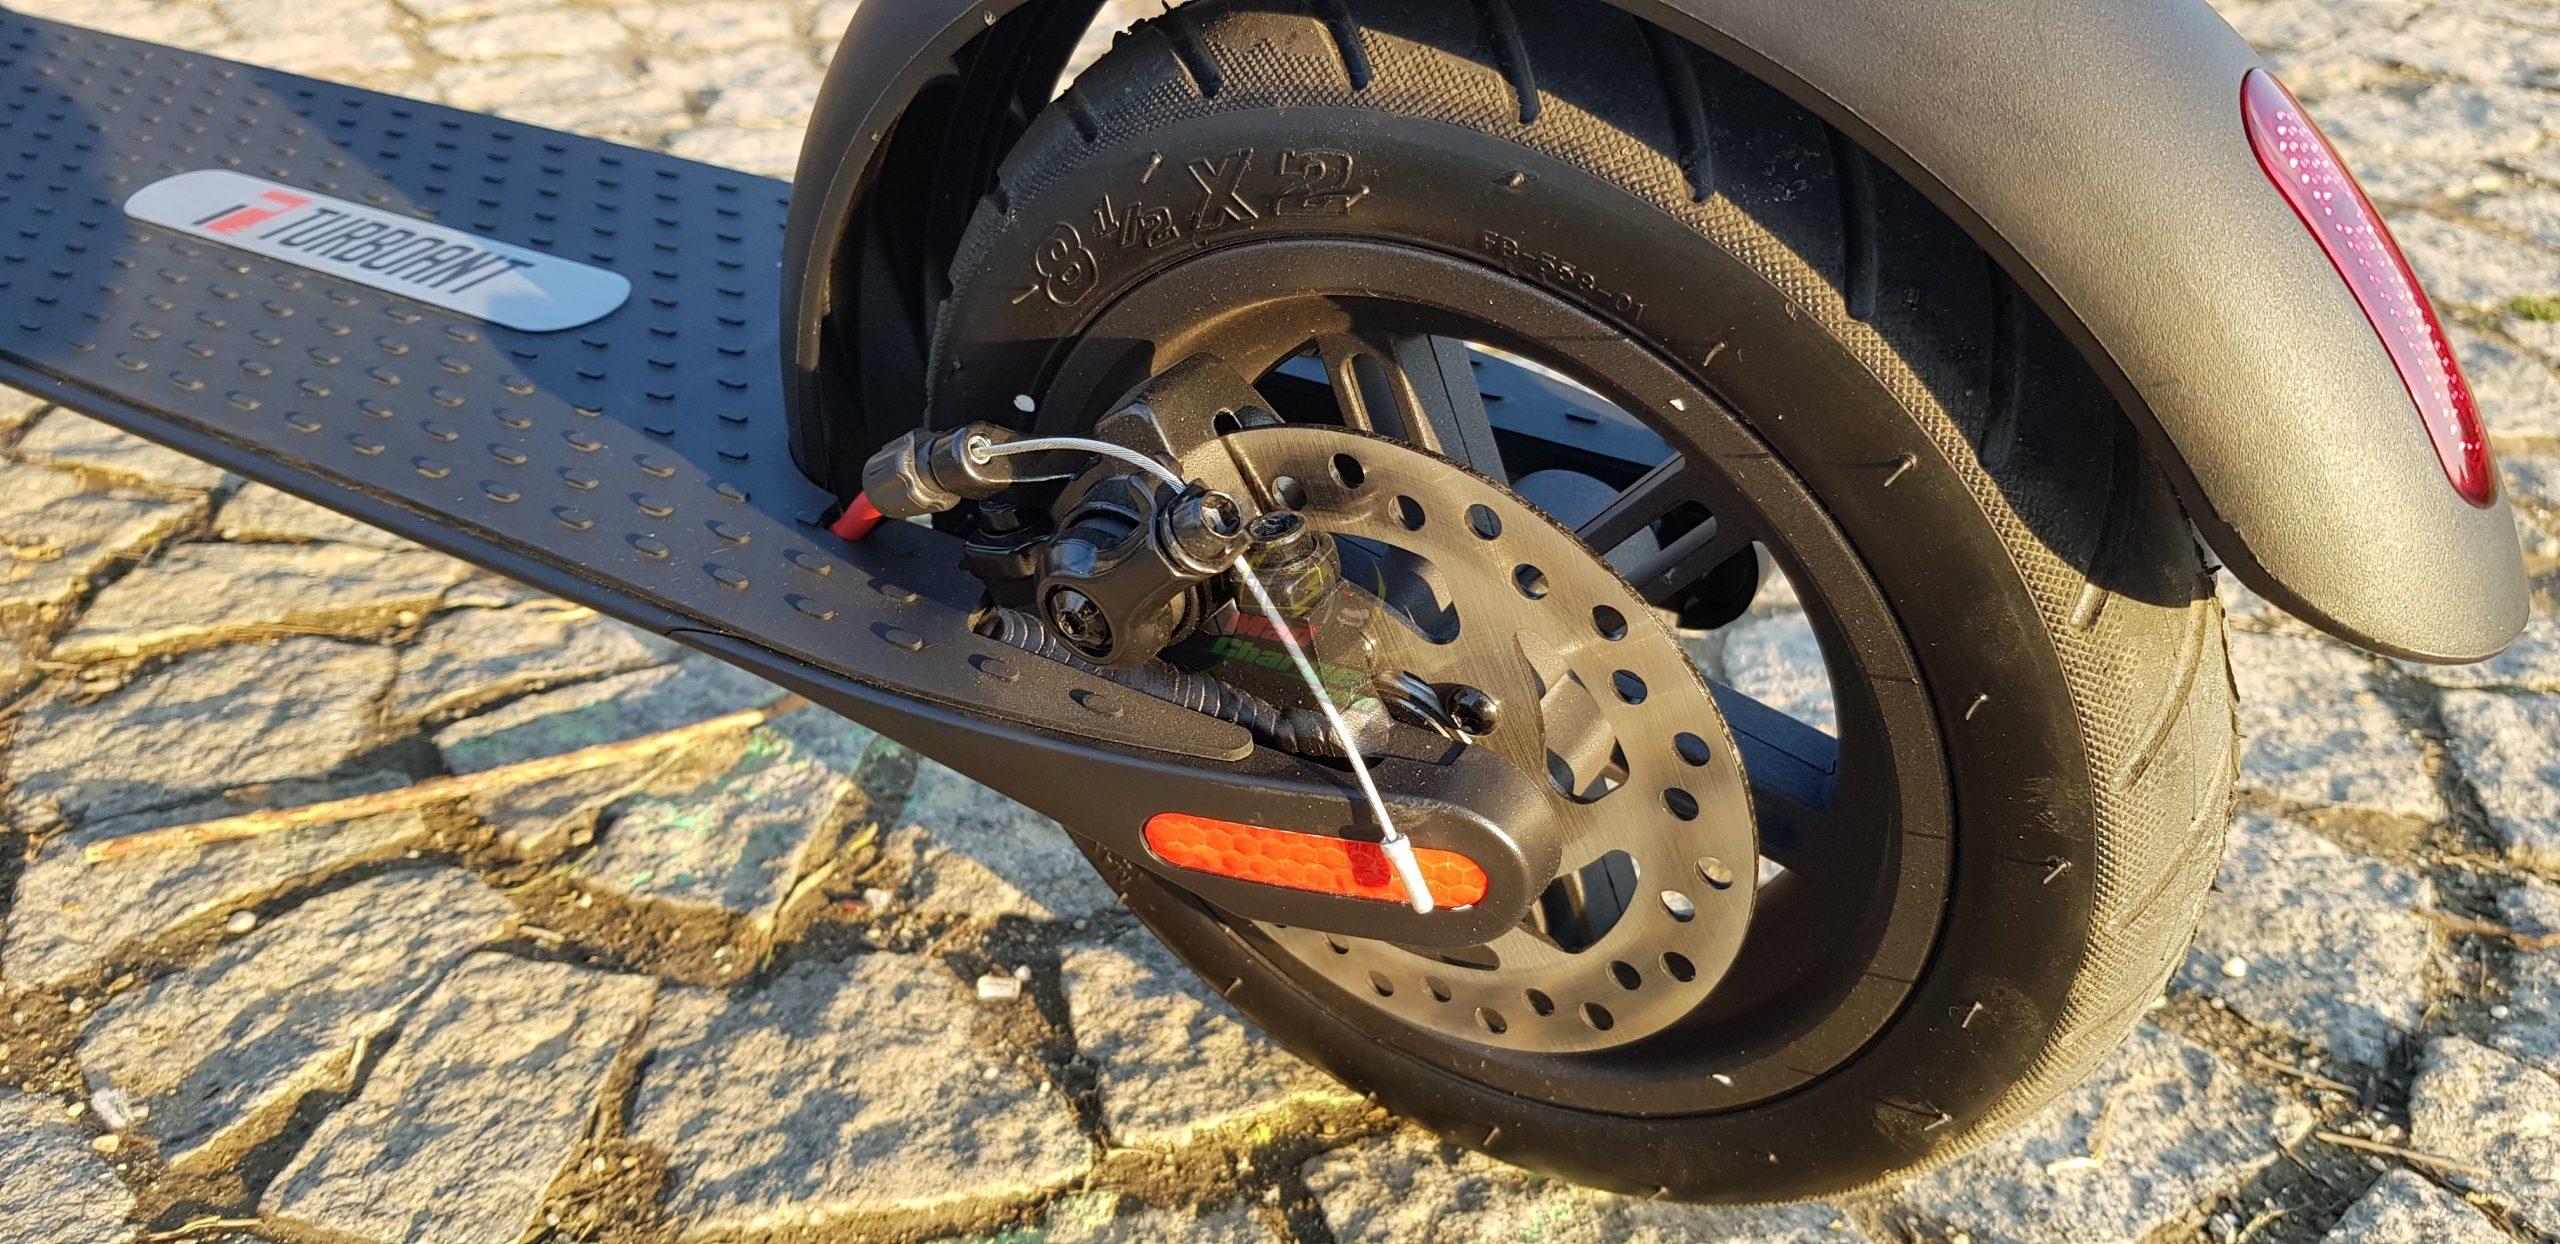 Turboant X7 Disc Brake